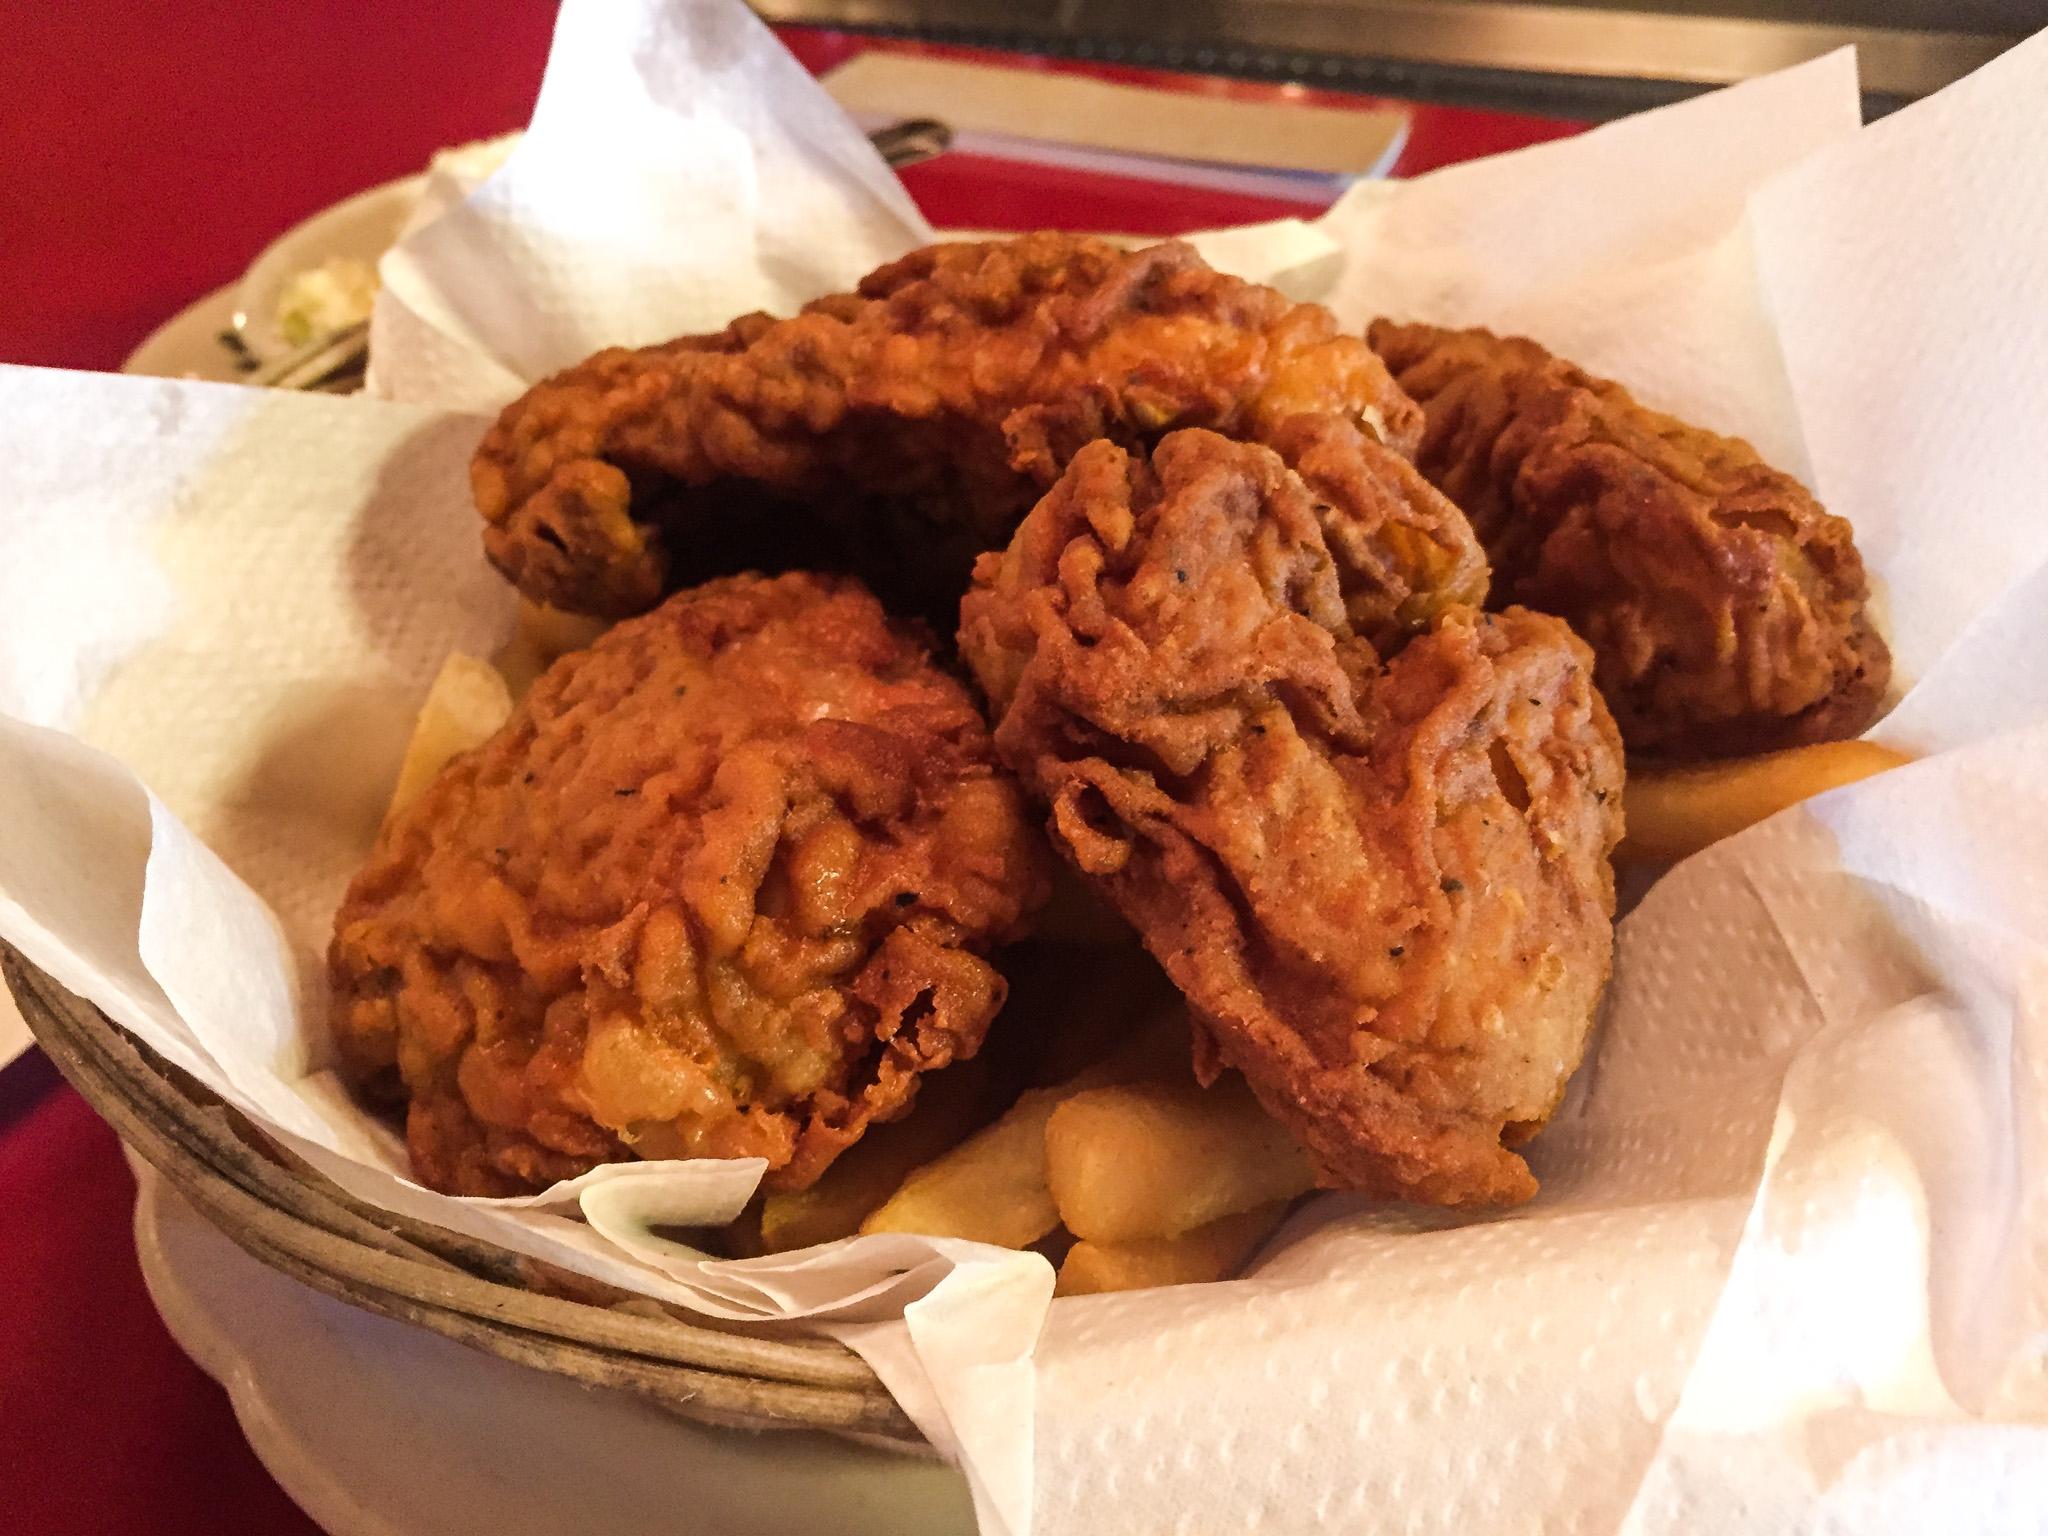 Rutt's hut fried chicken